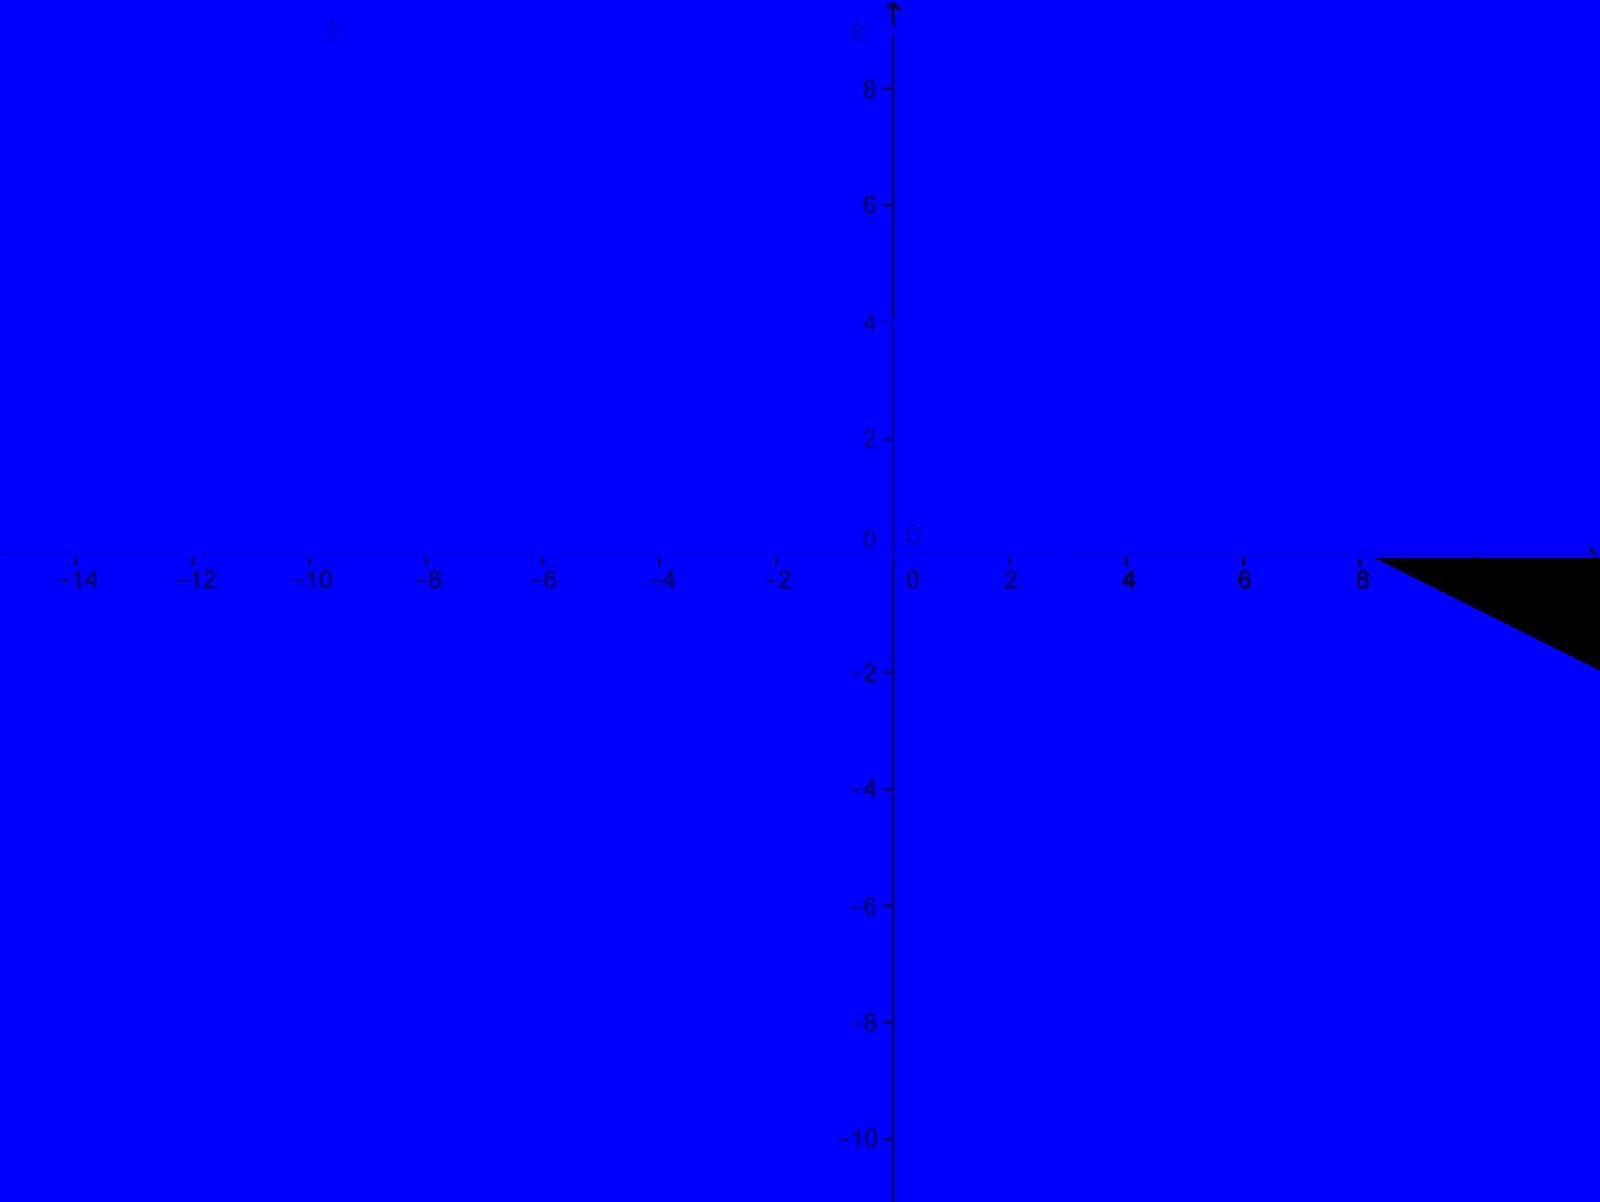 Pembahasan Soal Soal Matematika Dan Fisika Pembahasan Soal Soal Sbmptn Seleksi Bersama Masuk